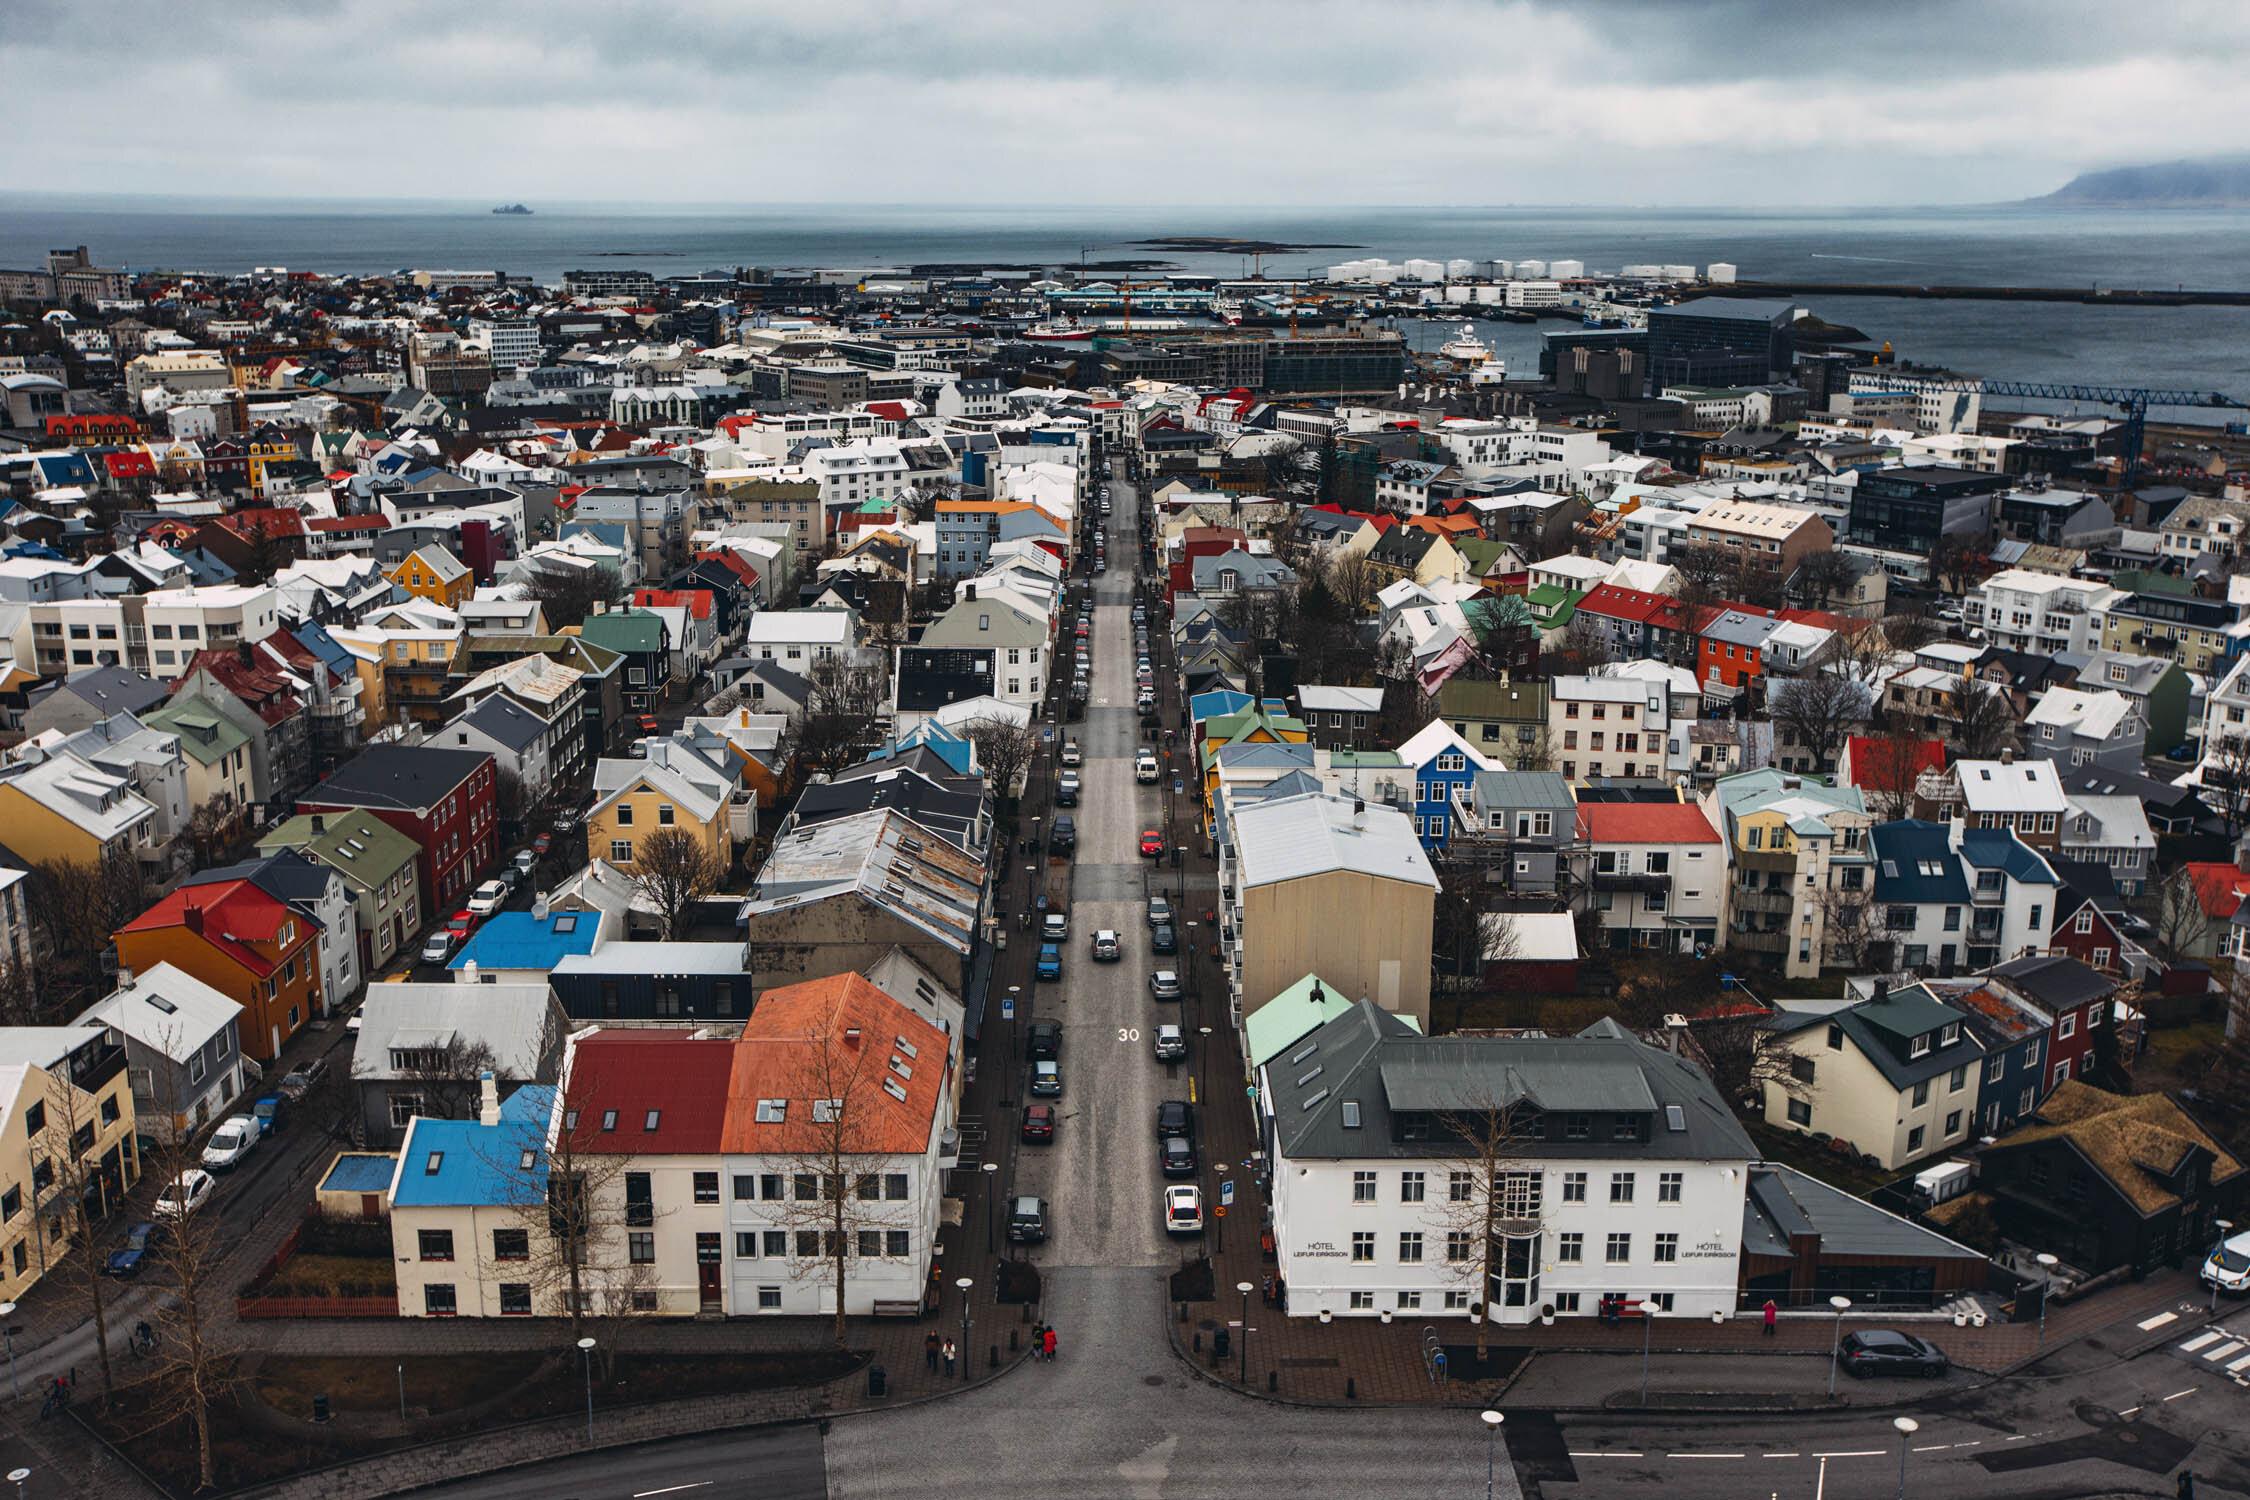 Reykjavik, Iceland. April 2019.